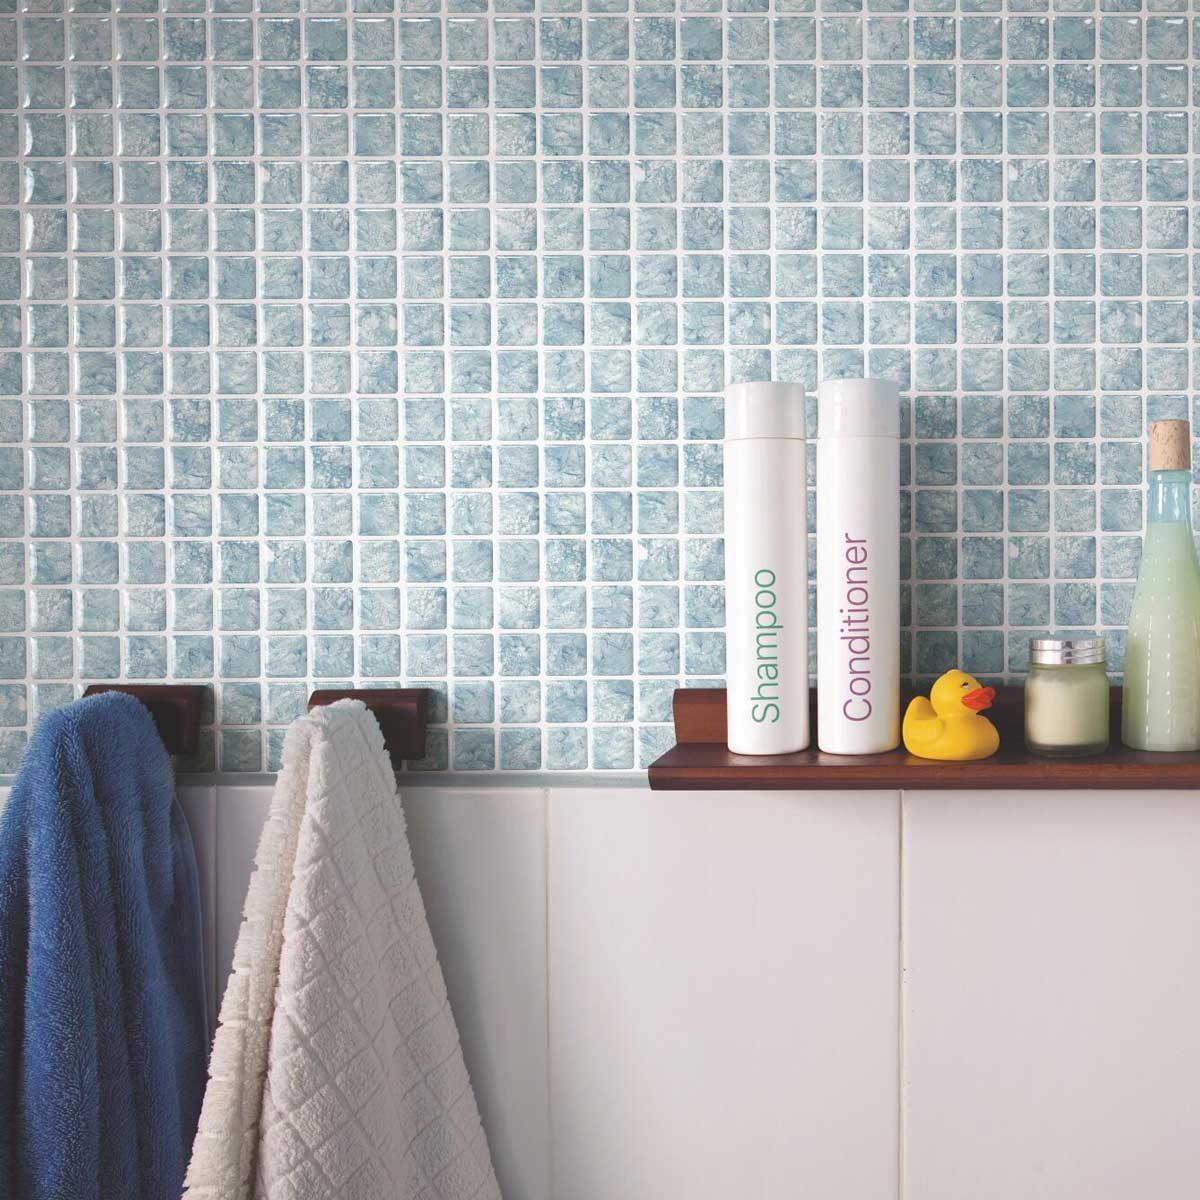 Pastel blue tile